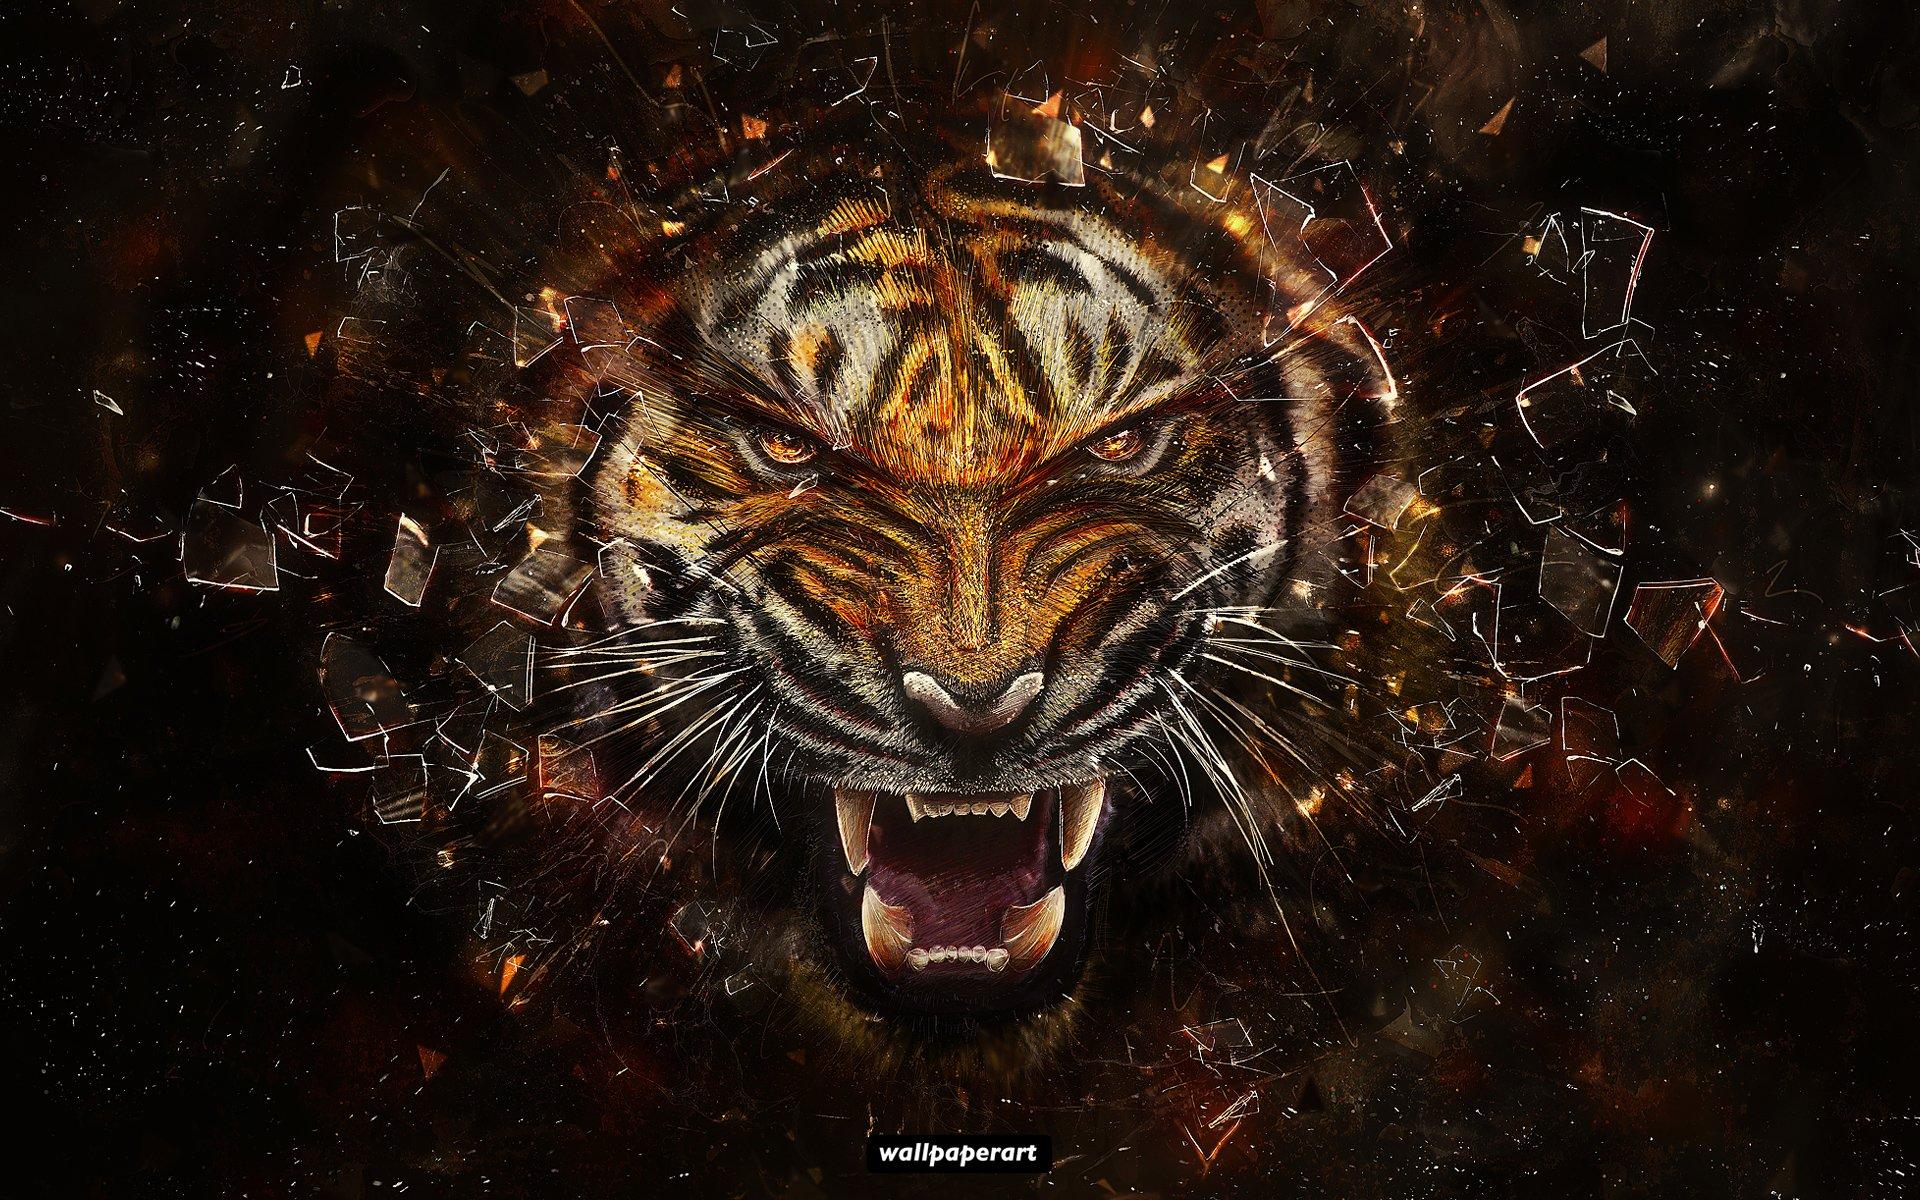 обои на рабочий стол, фото, скачать, тигр